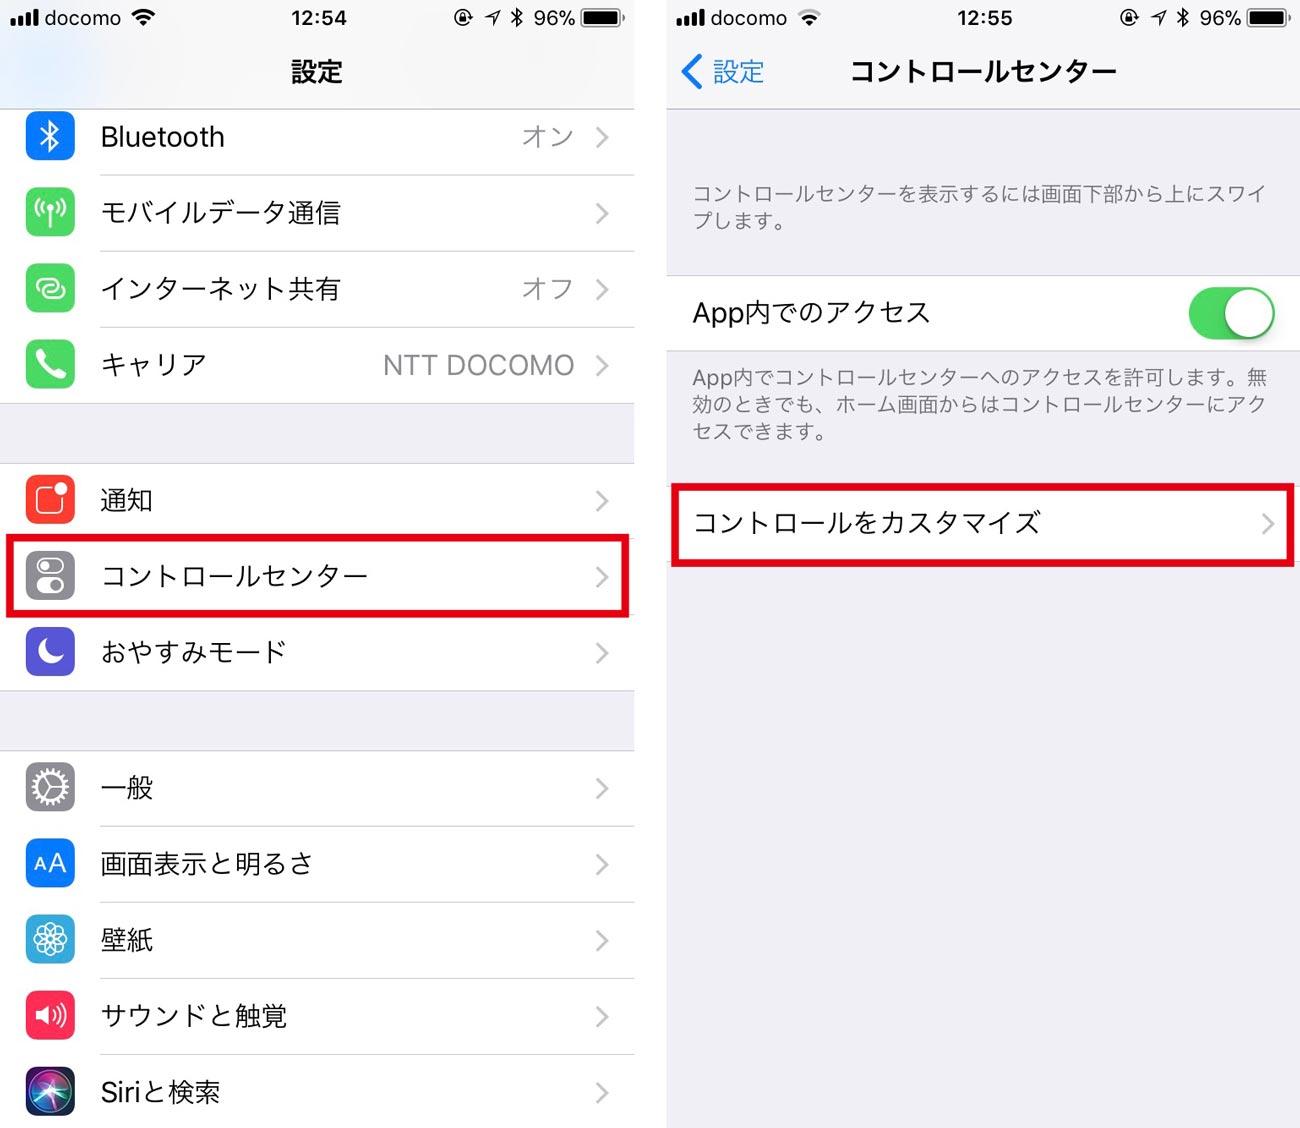 iOS11 コントローラセンターのカスタマイズ